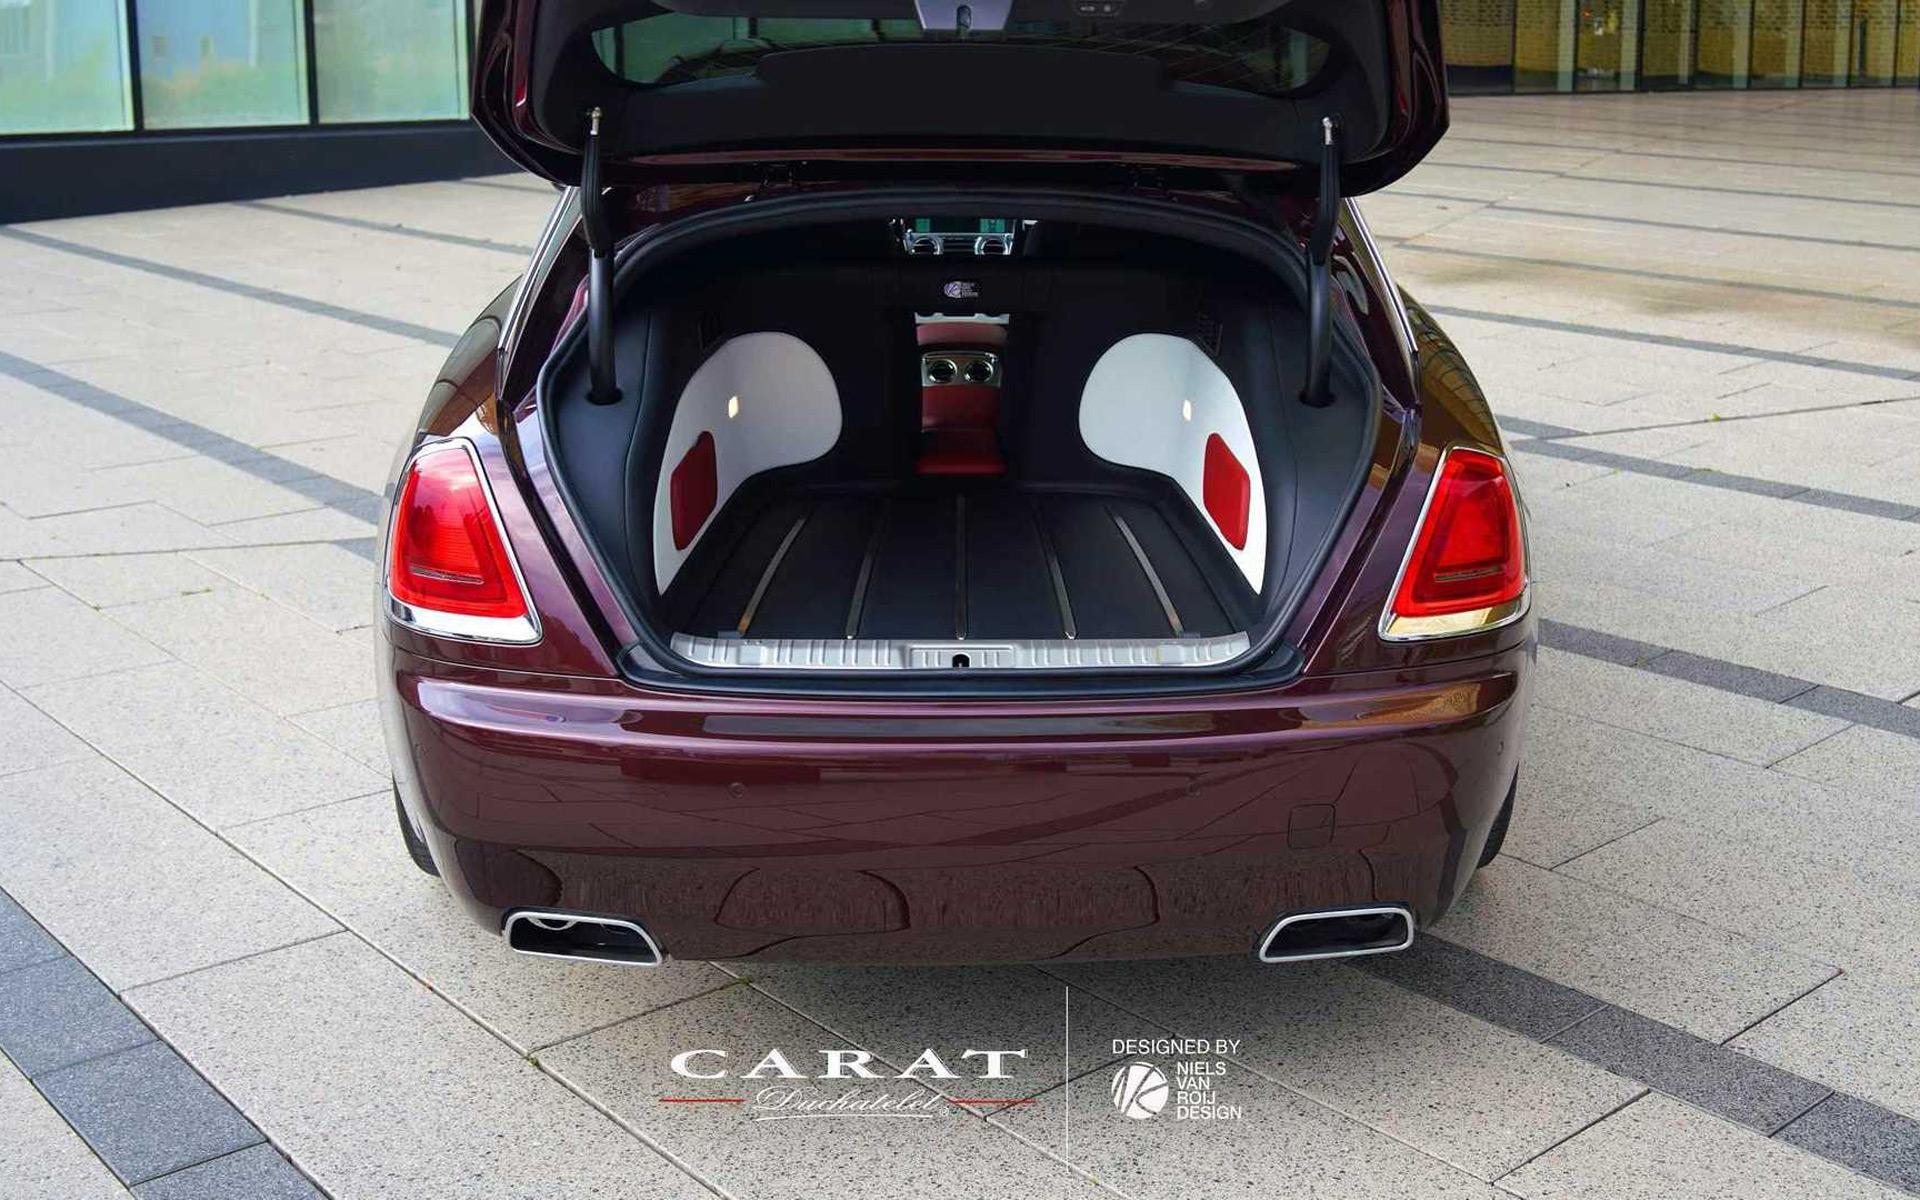 Carat Duchatelet Silver Specre Shooting Brake by Niels van Roij Design